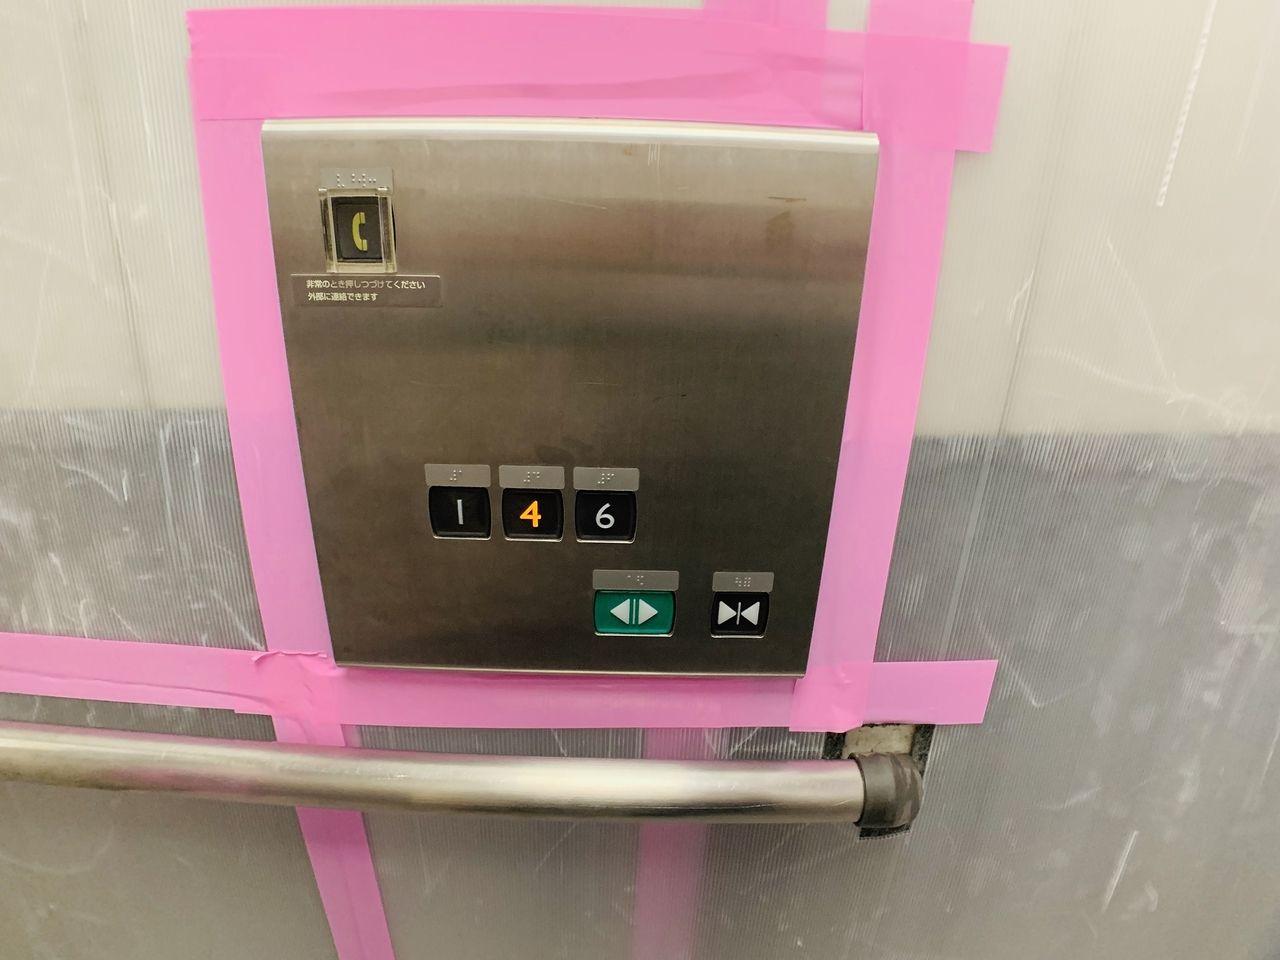 コープ野村南流山壱番街のエレベーター停止階は1・4・6階です